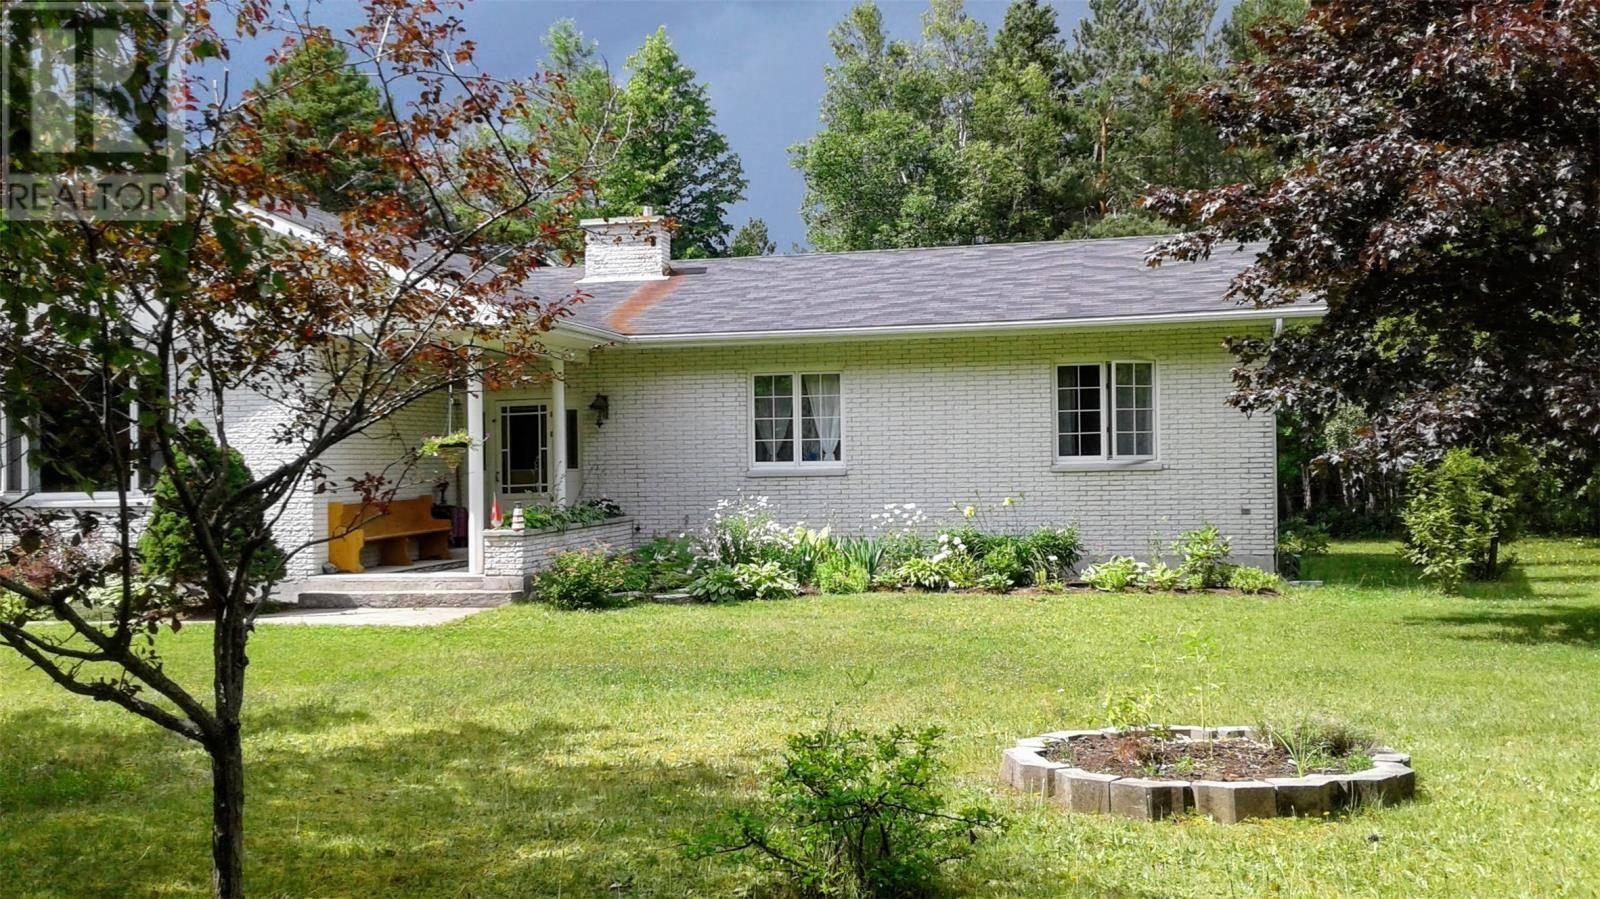 House for sale at 2 Skinner Dr Pasadena Newfoundland - MLS: 1213041